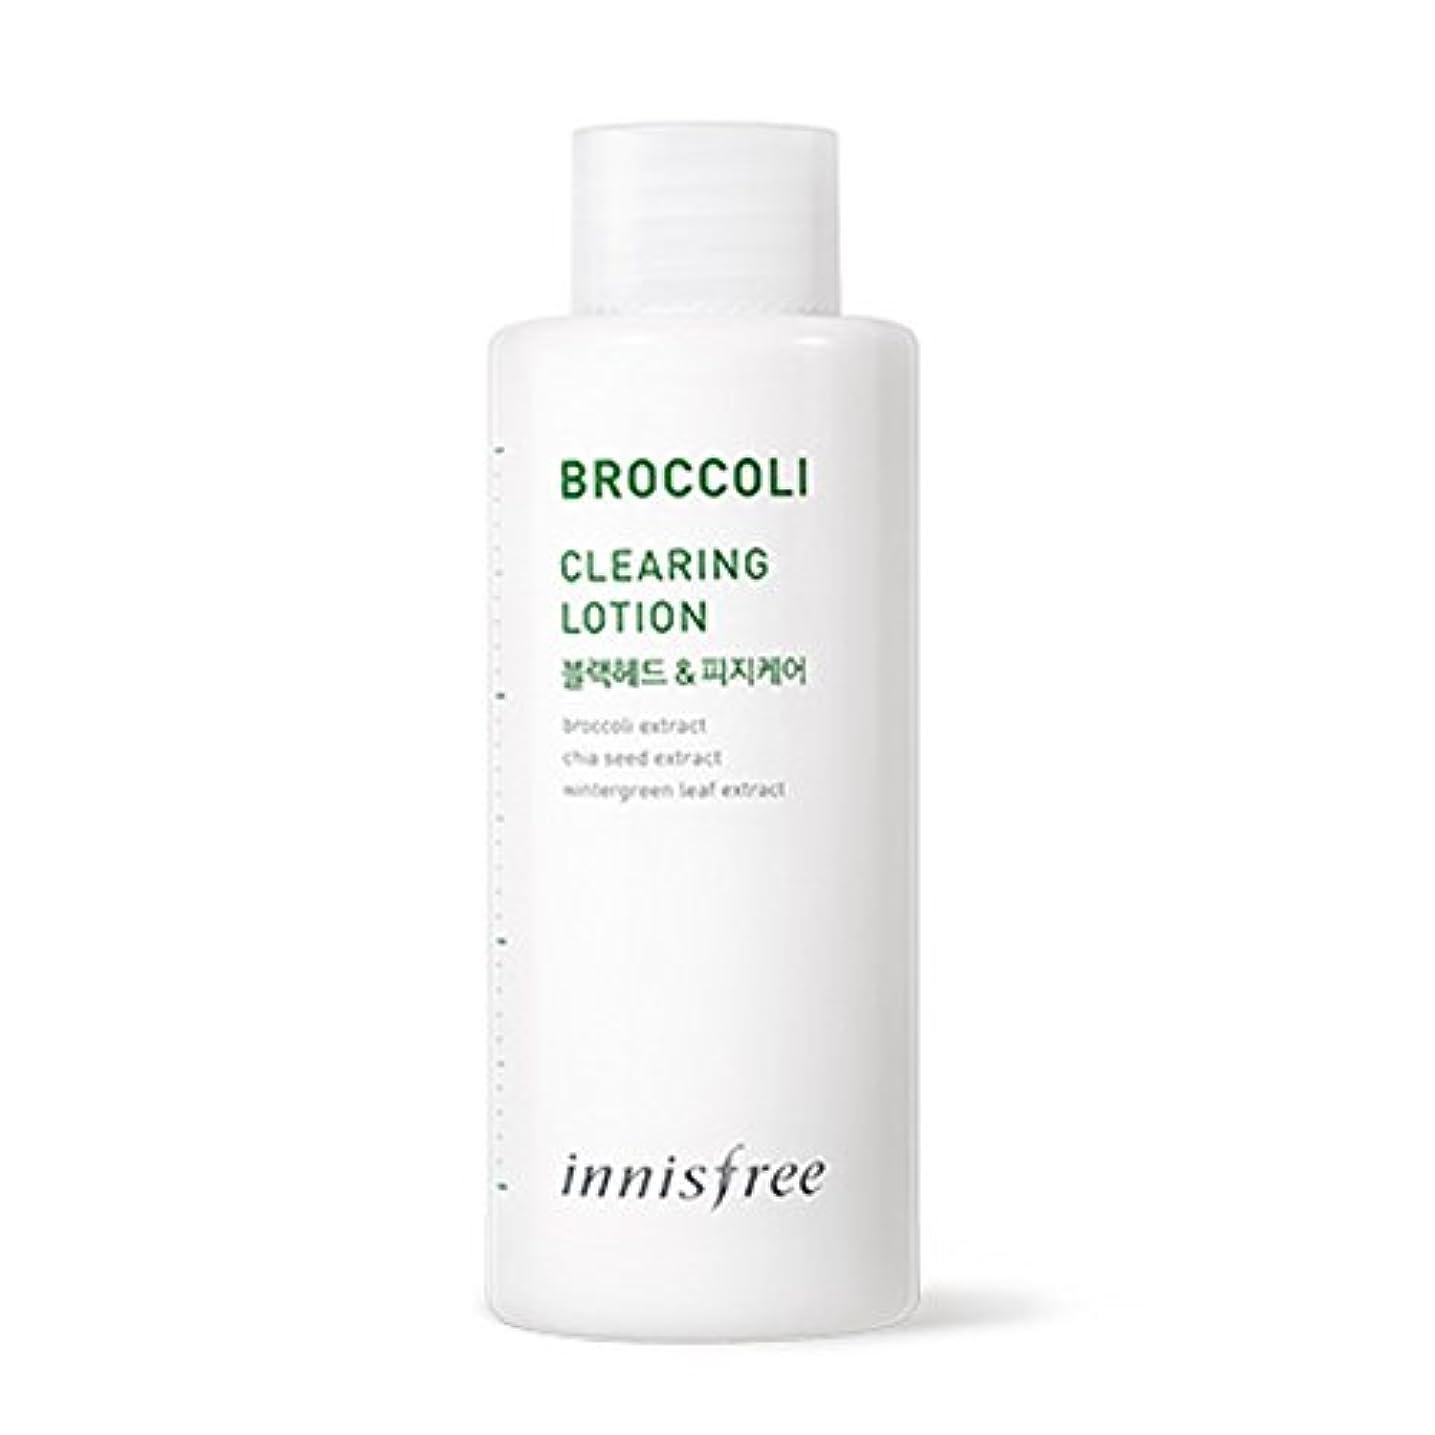 優先悔い改め私のイニスフリーブロッコリークリアリングローション(エマルジョン)130ml Innisfree Broccoli Clearing Lotion(Emulsion) 130ml [海外直送品][並行輸入品]